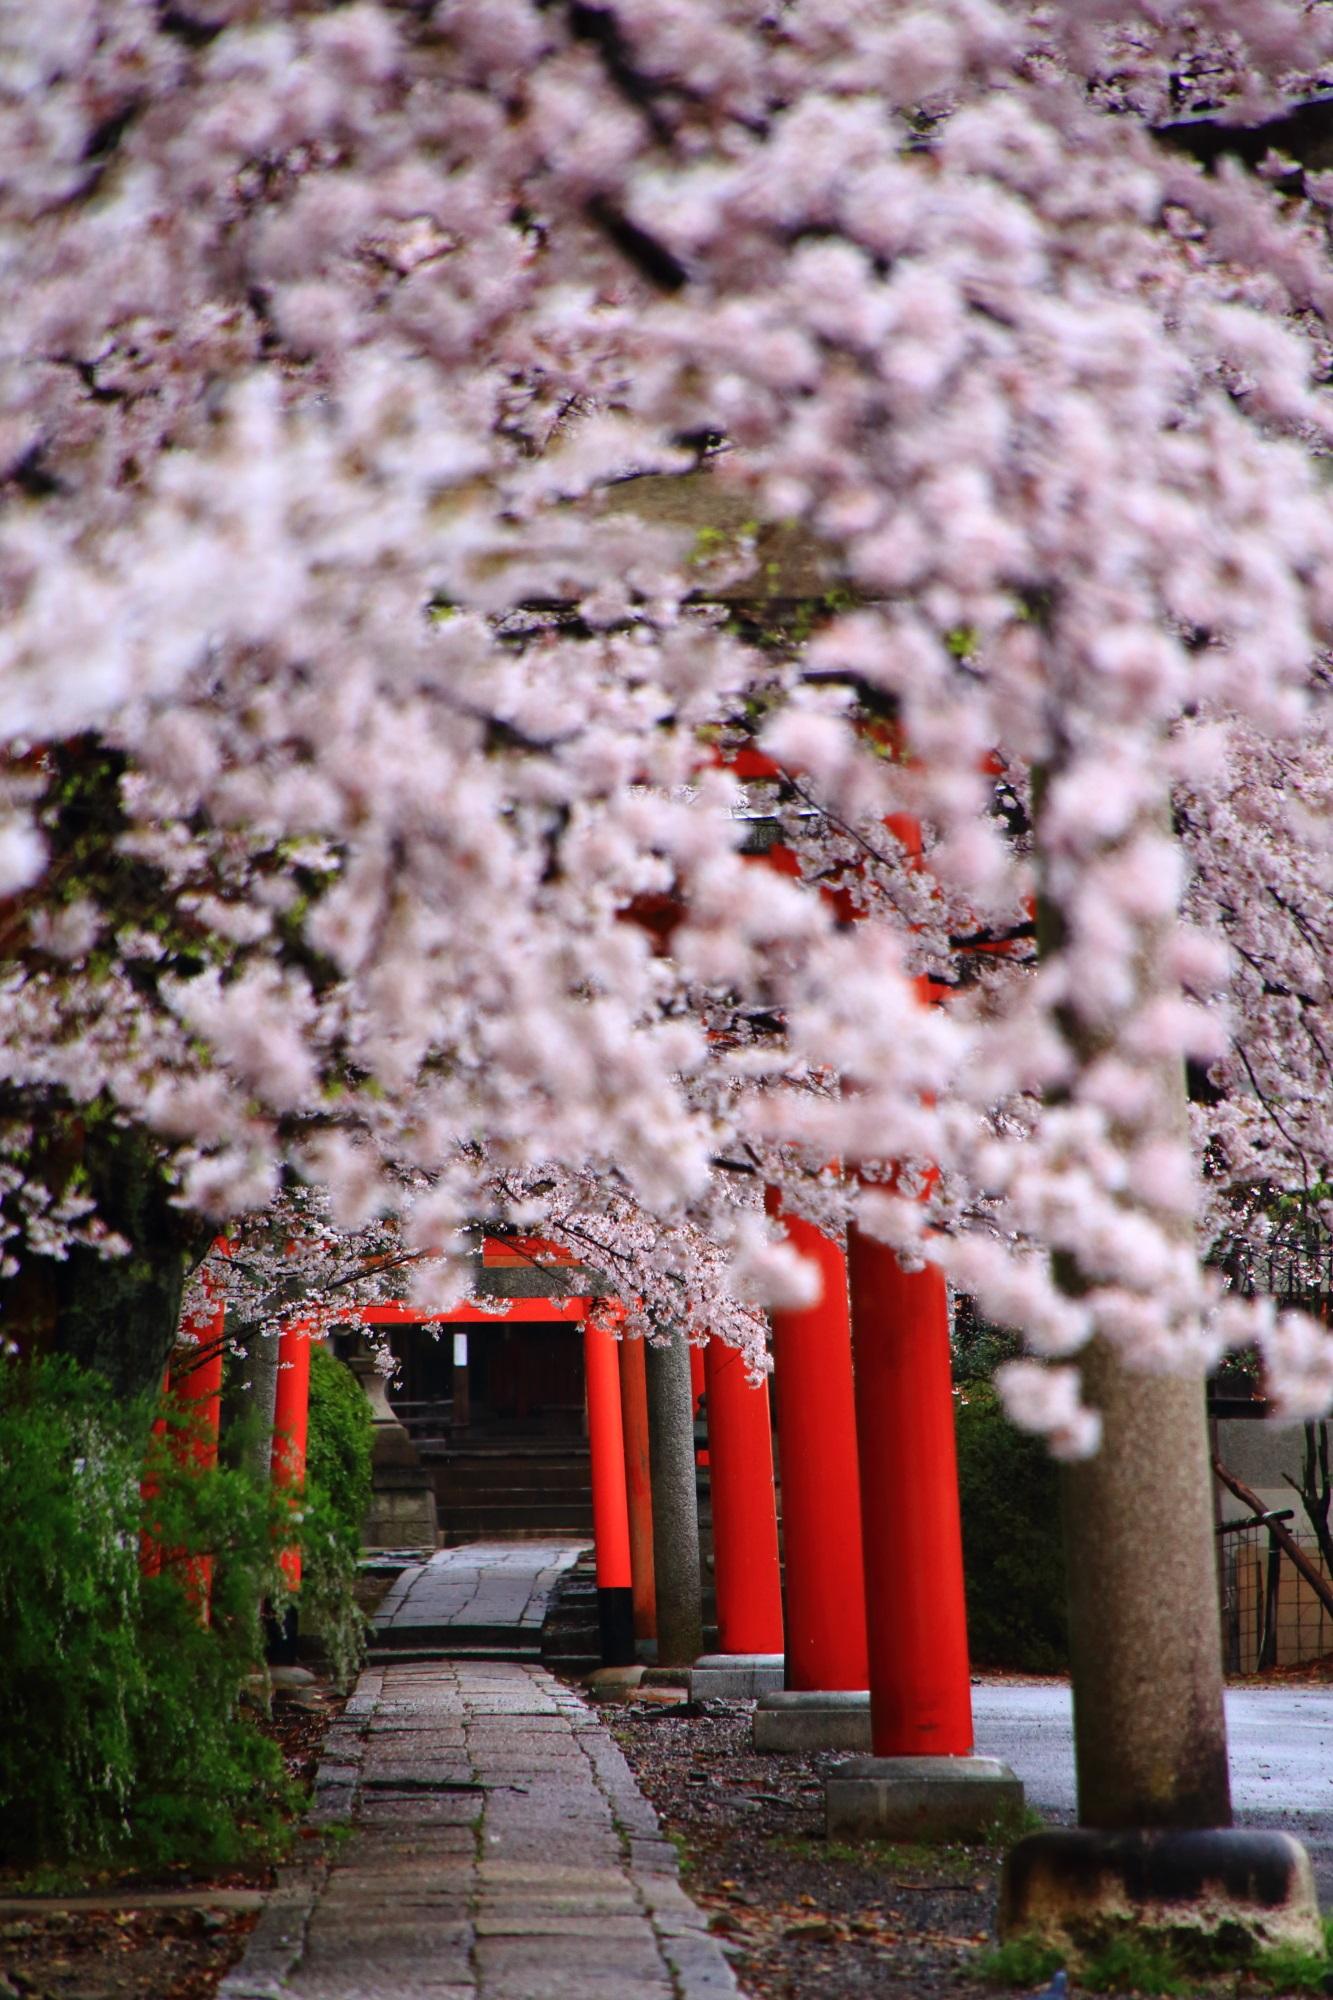 誰もおらず独り占めできる素晴らしい桜の情景